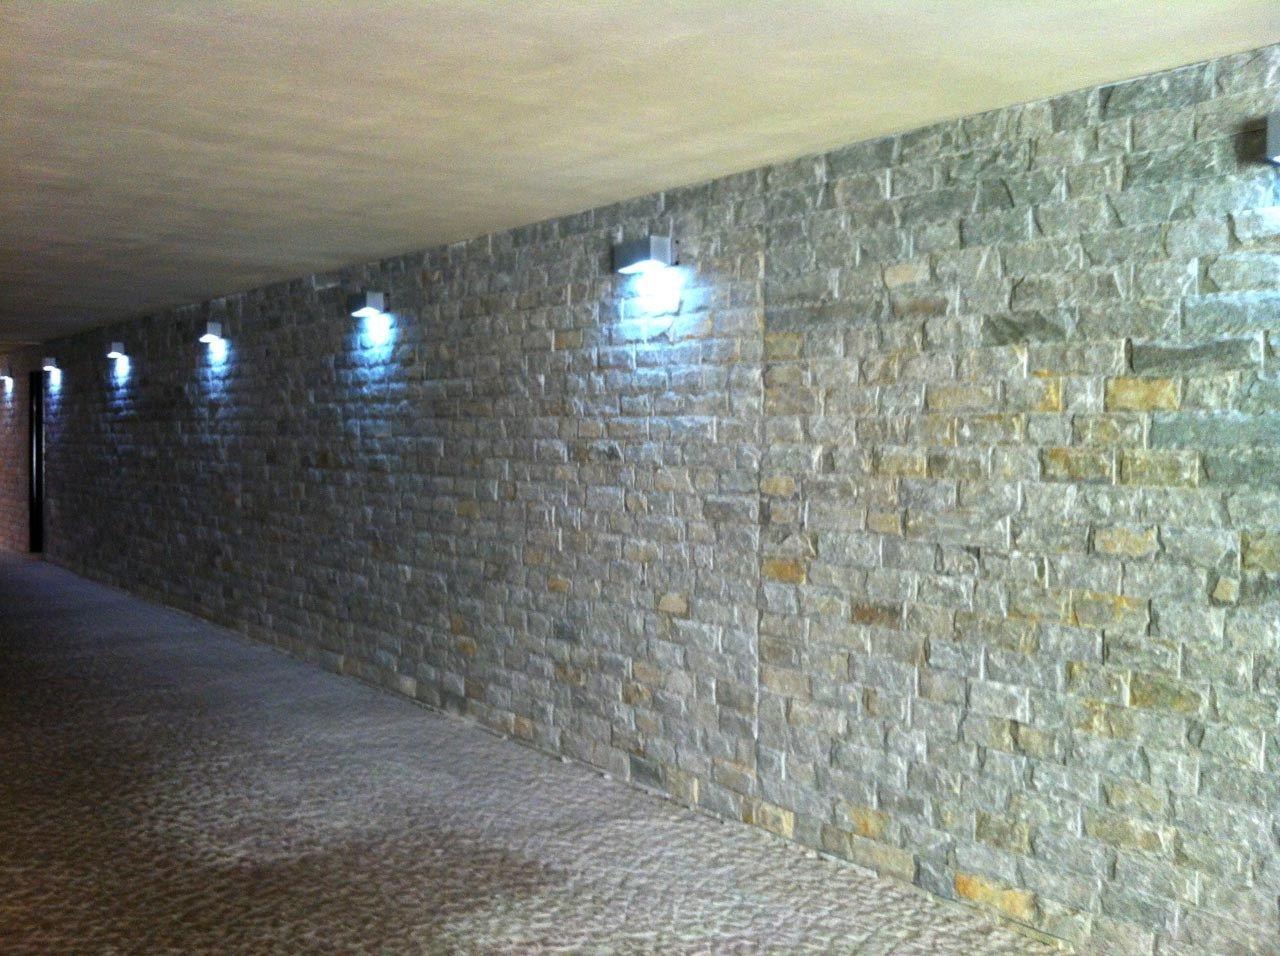 Silver coast rivestimento in pietra naturale by b b - Pietra naturale per rivestimenti interni ...